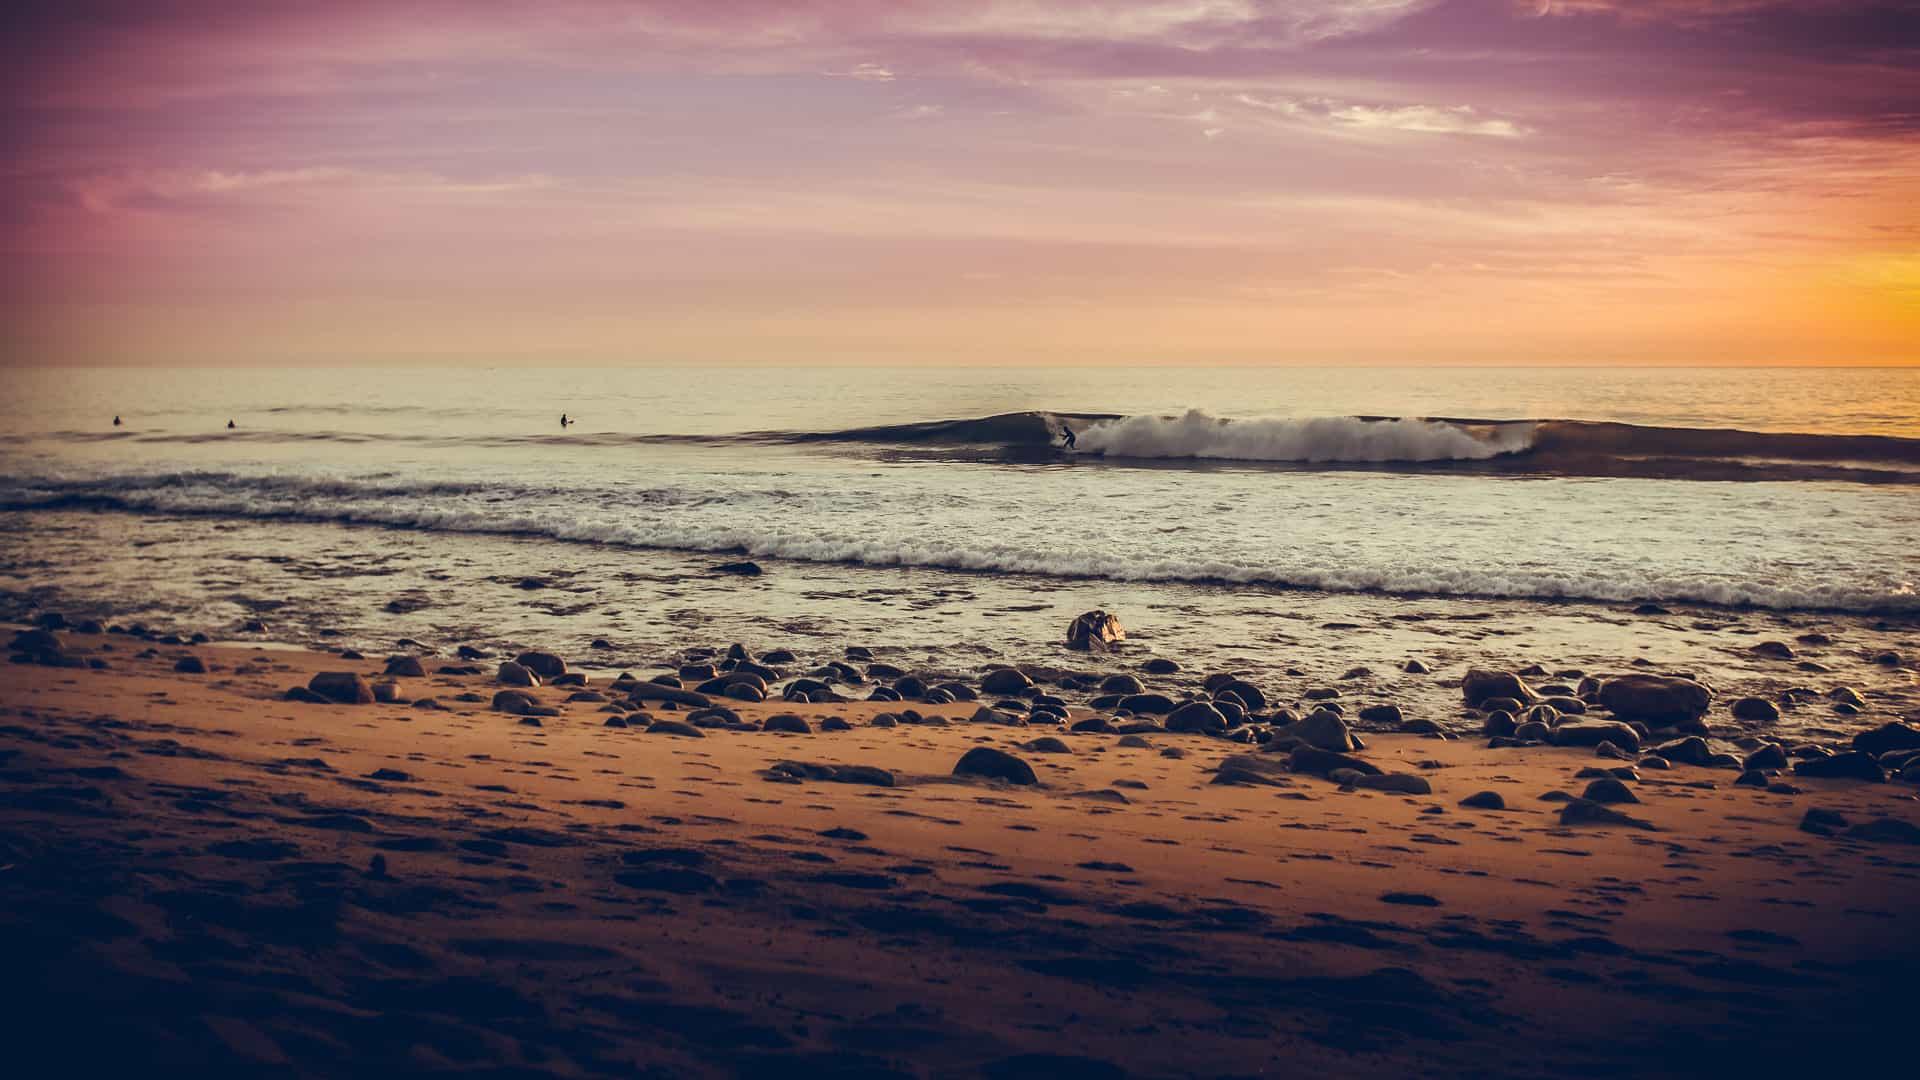 San Pedrito Beach El Pescadero Todos Santos Baja California Sur Surfing Sundown